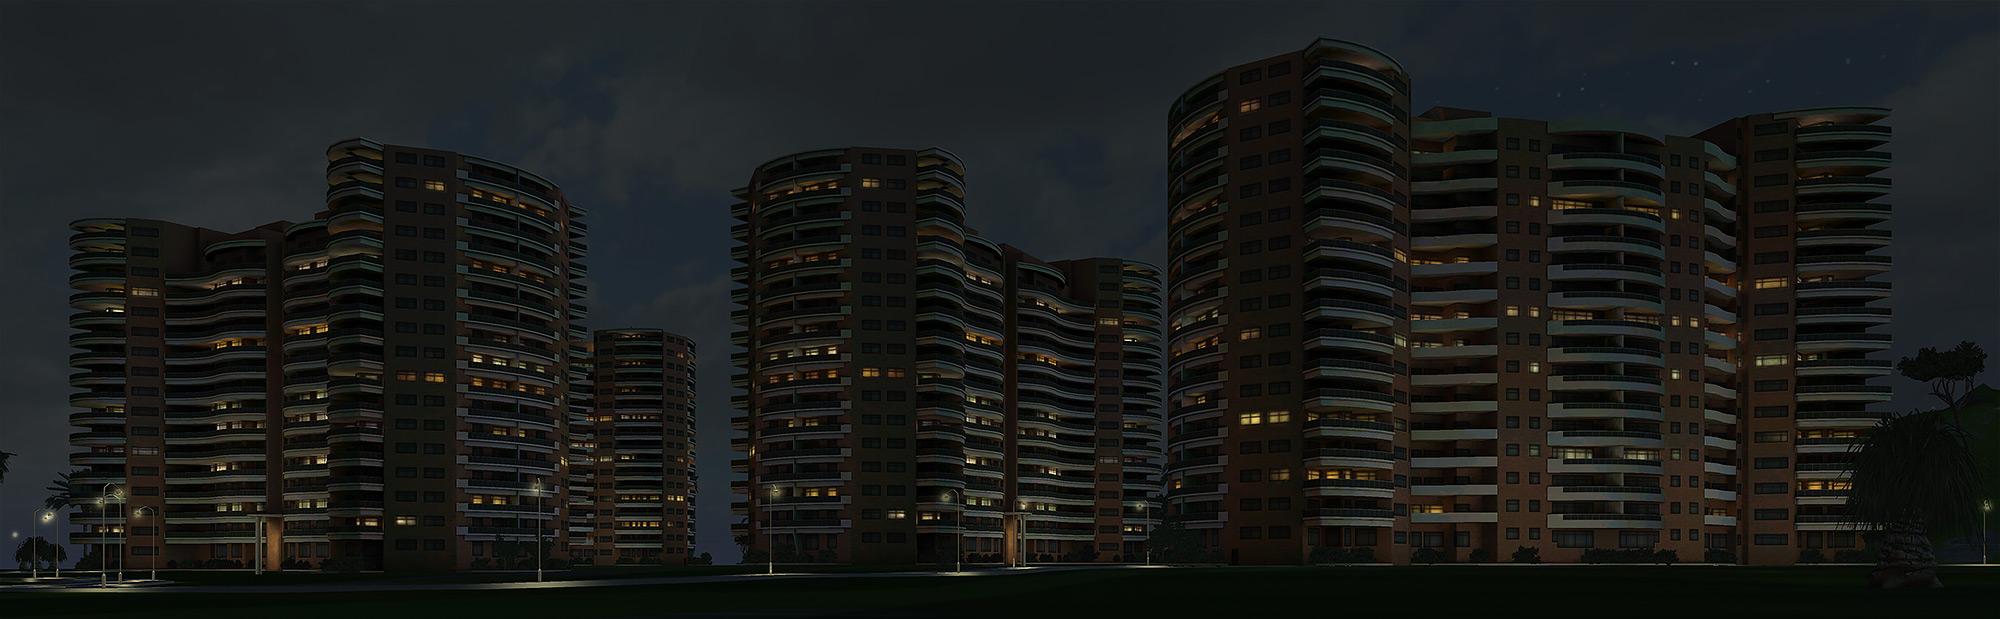 Residential04.jpg